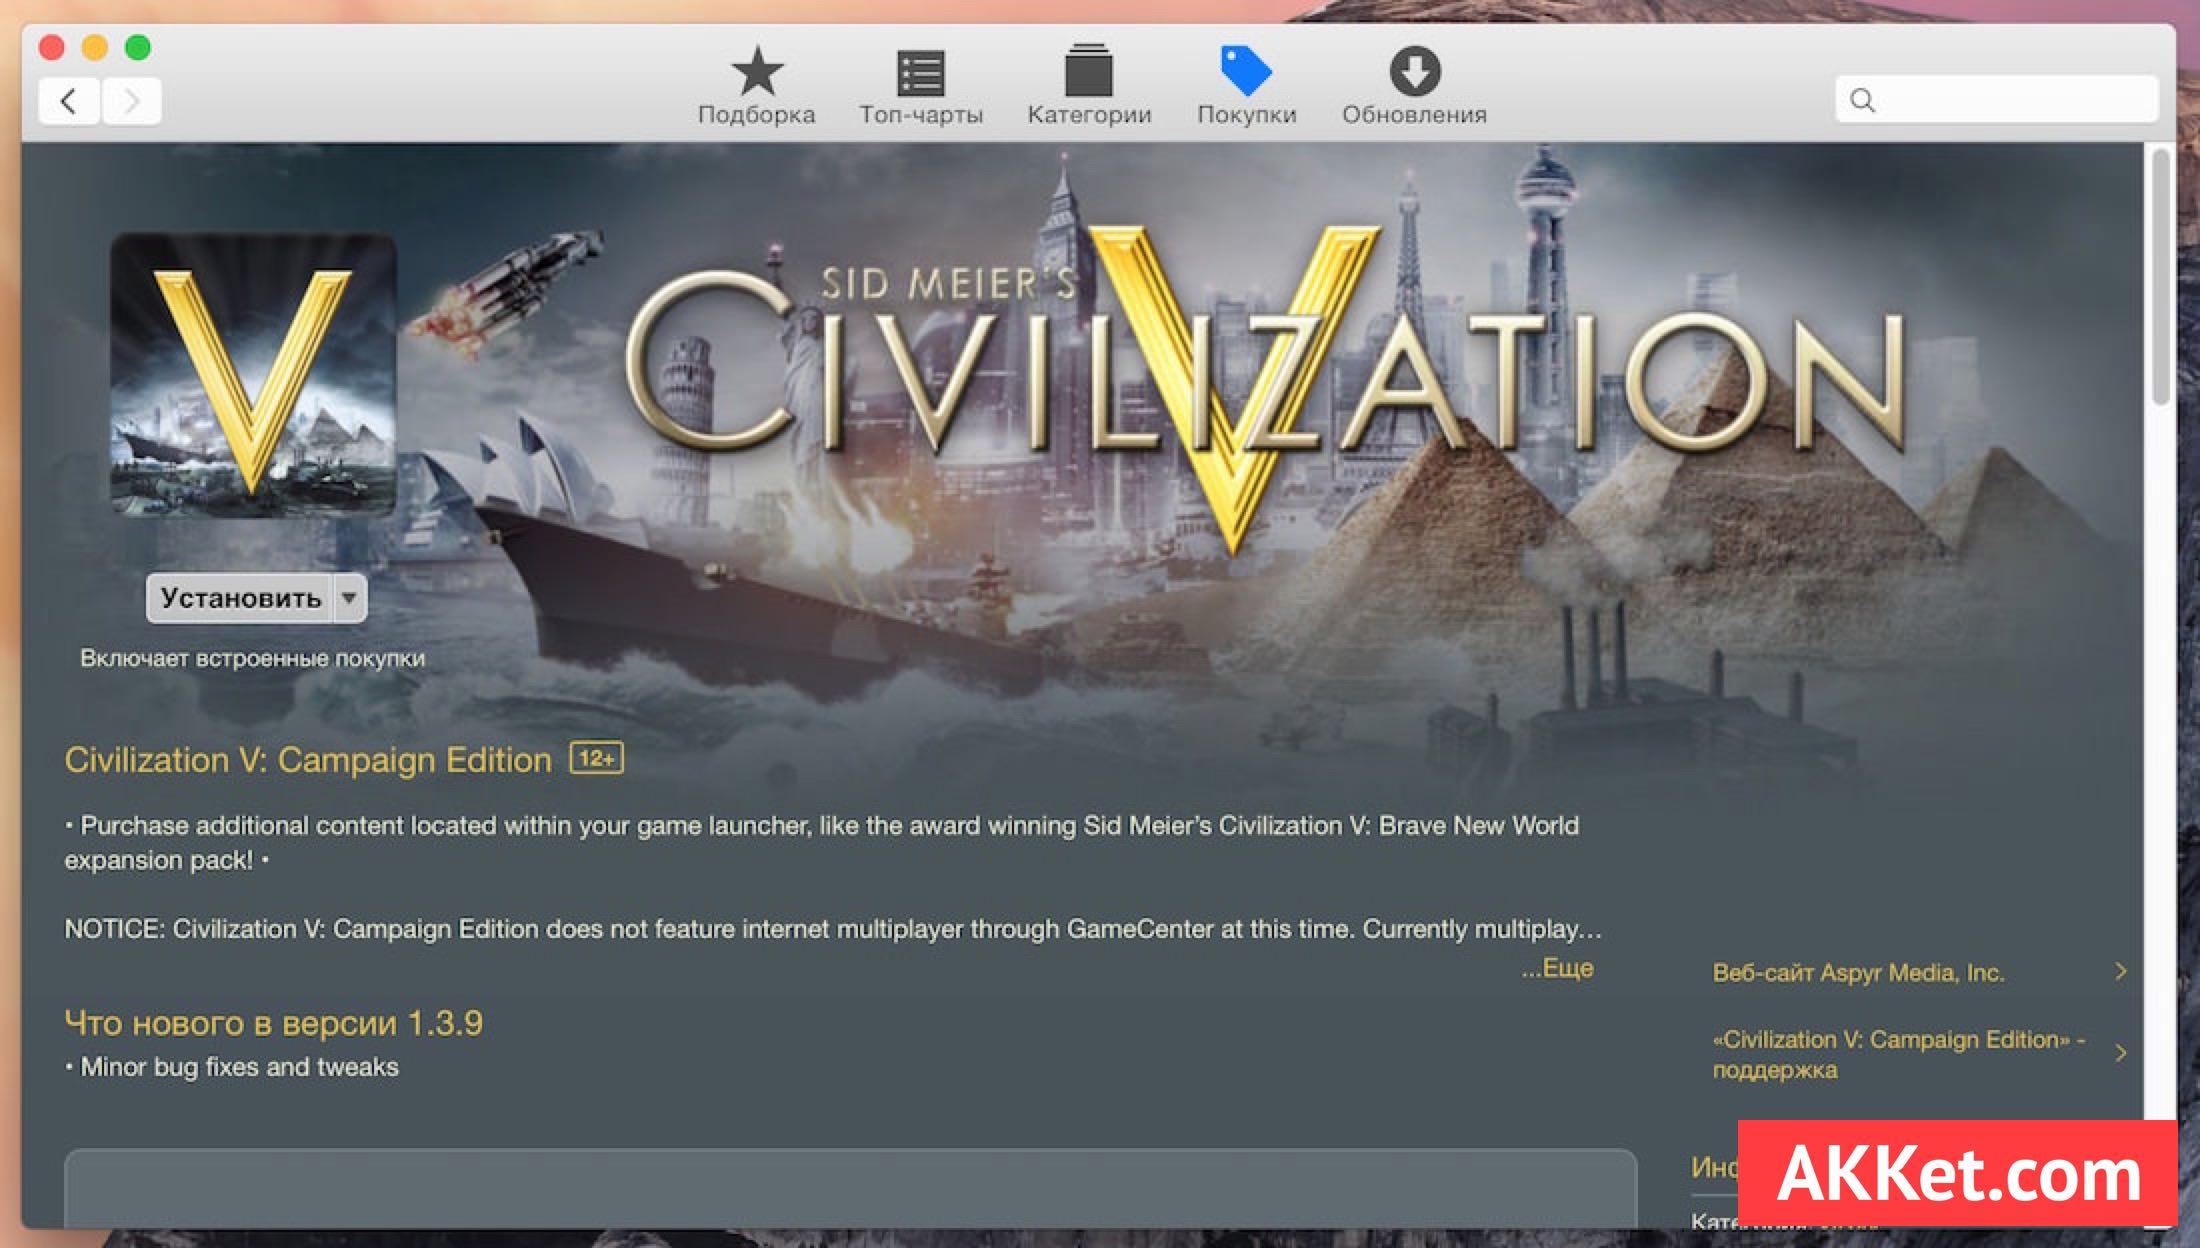 Civilization V Campaign Edition 3